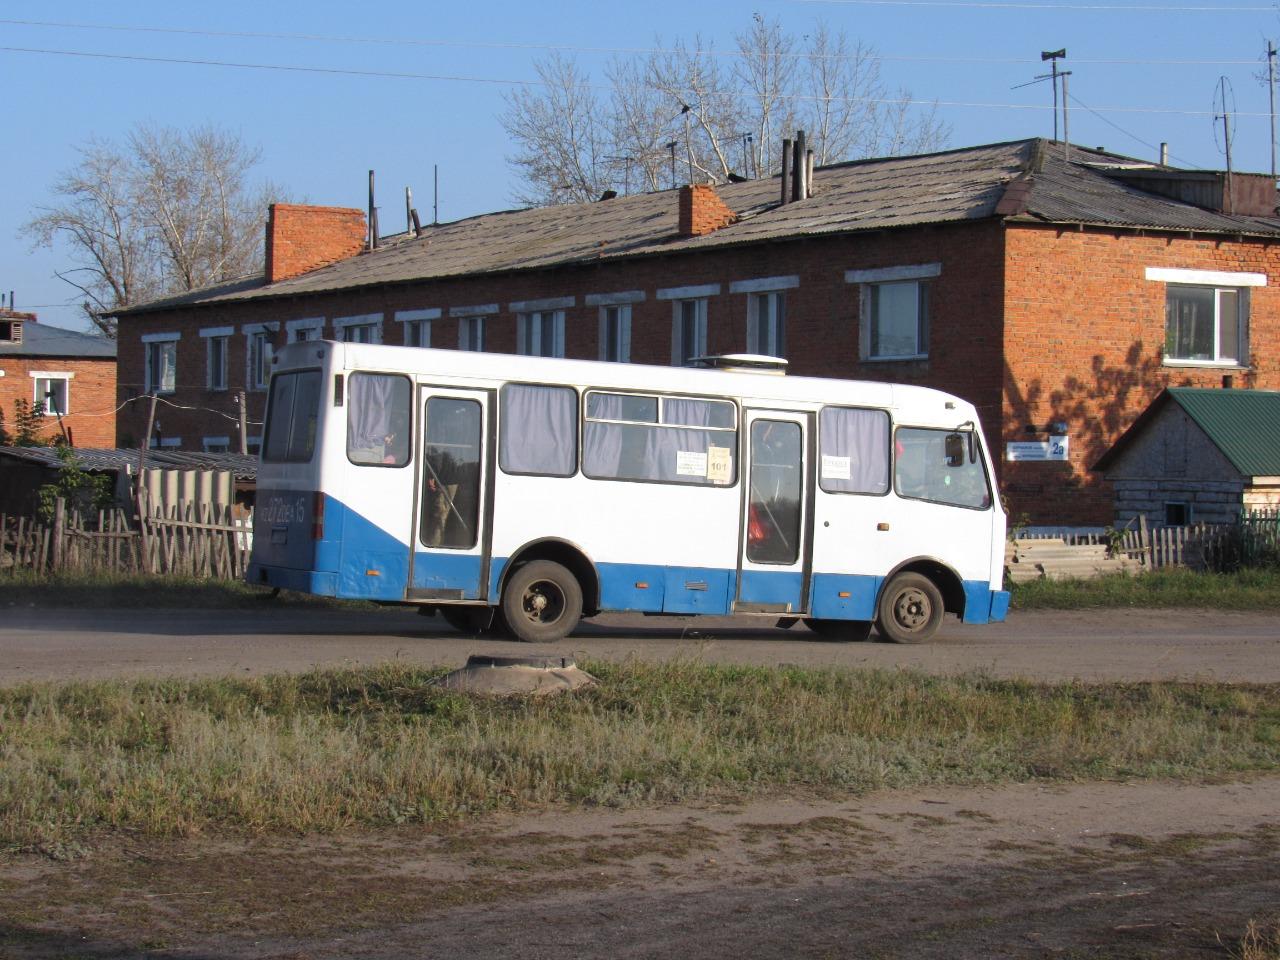 Рейс автобуса «Петропавловск — Петерфельд» отменён